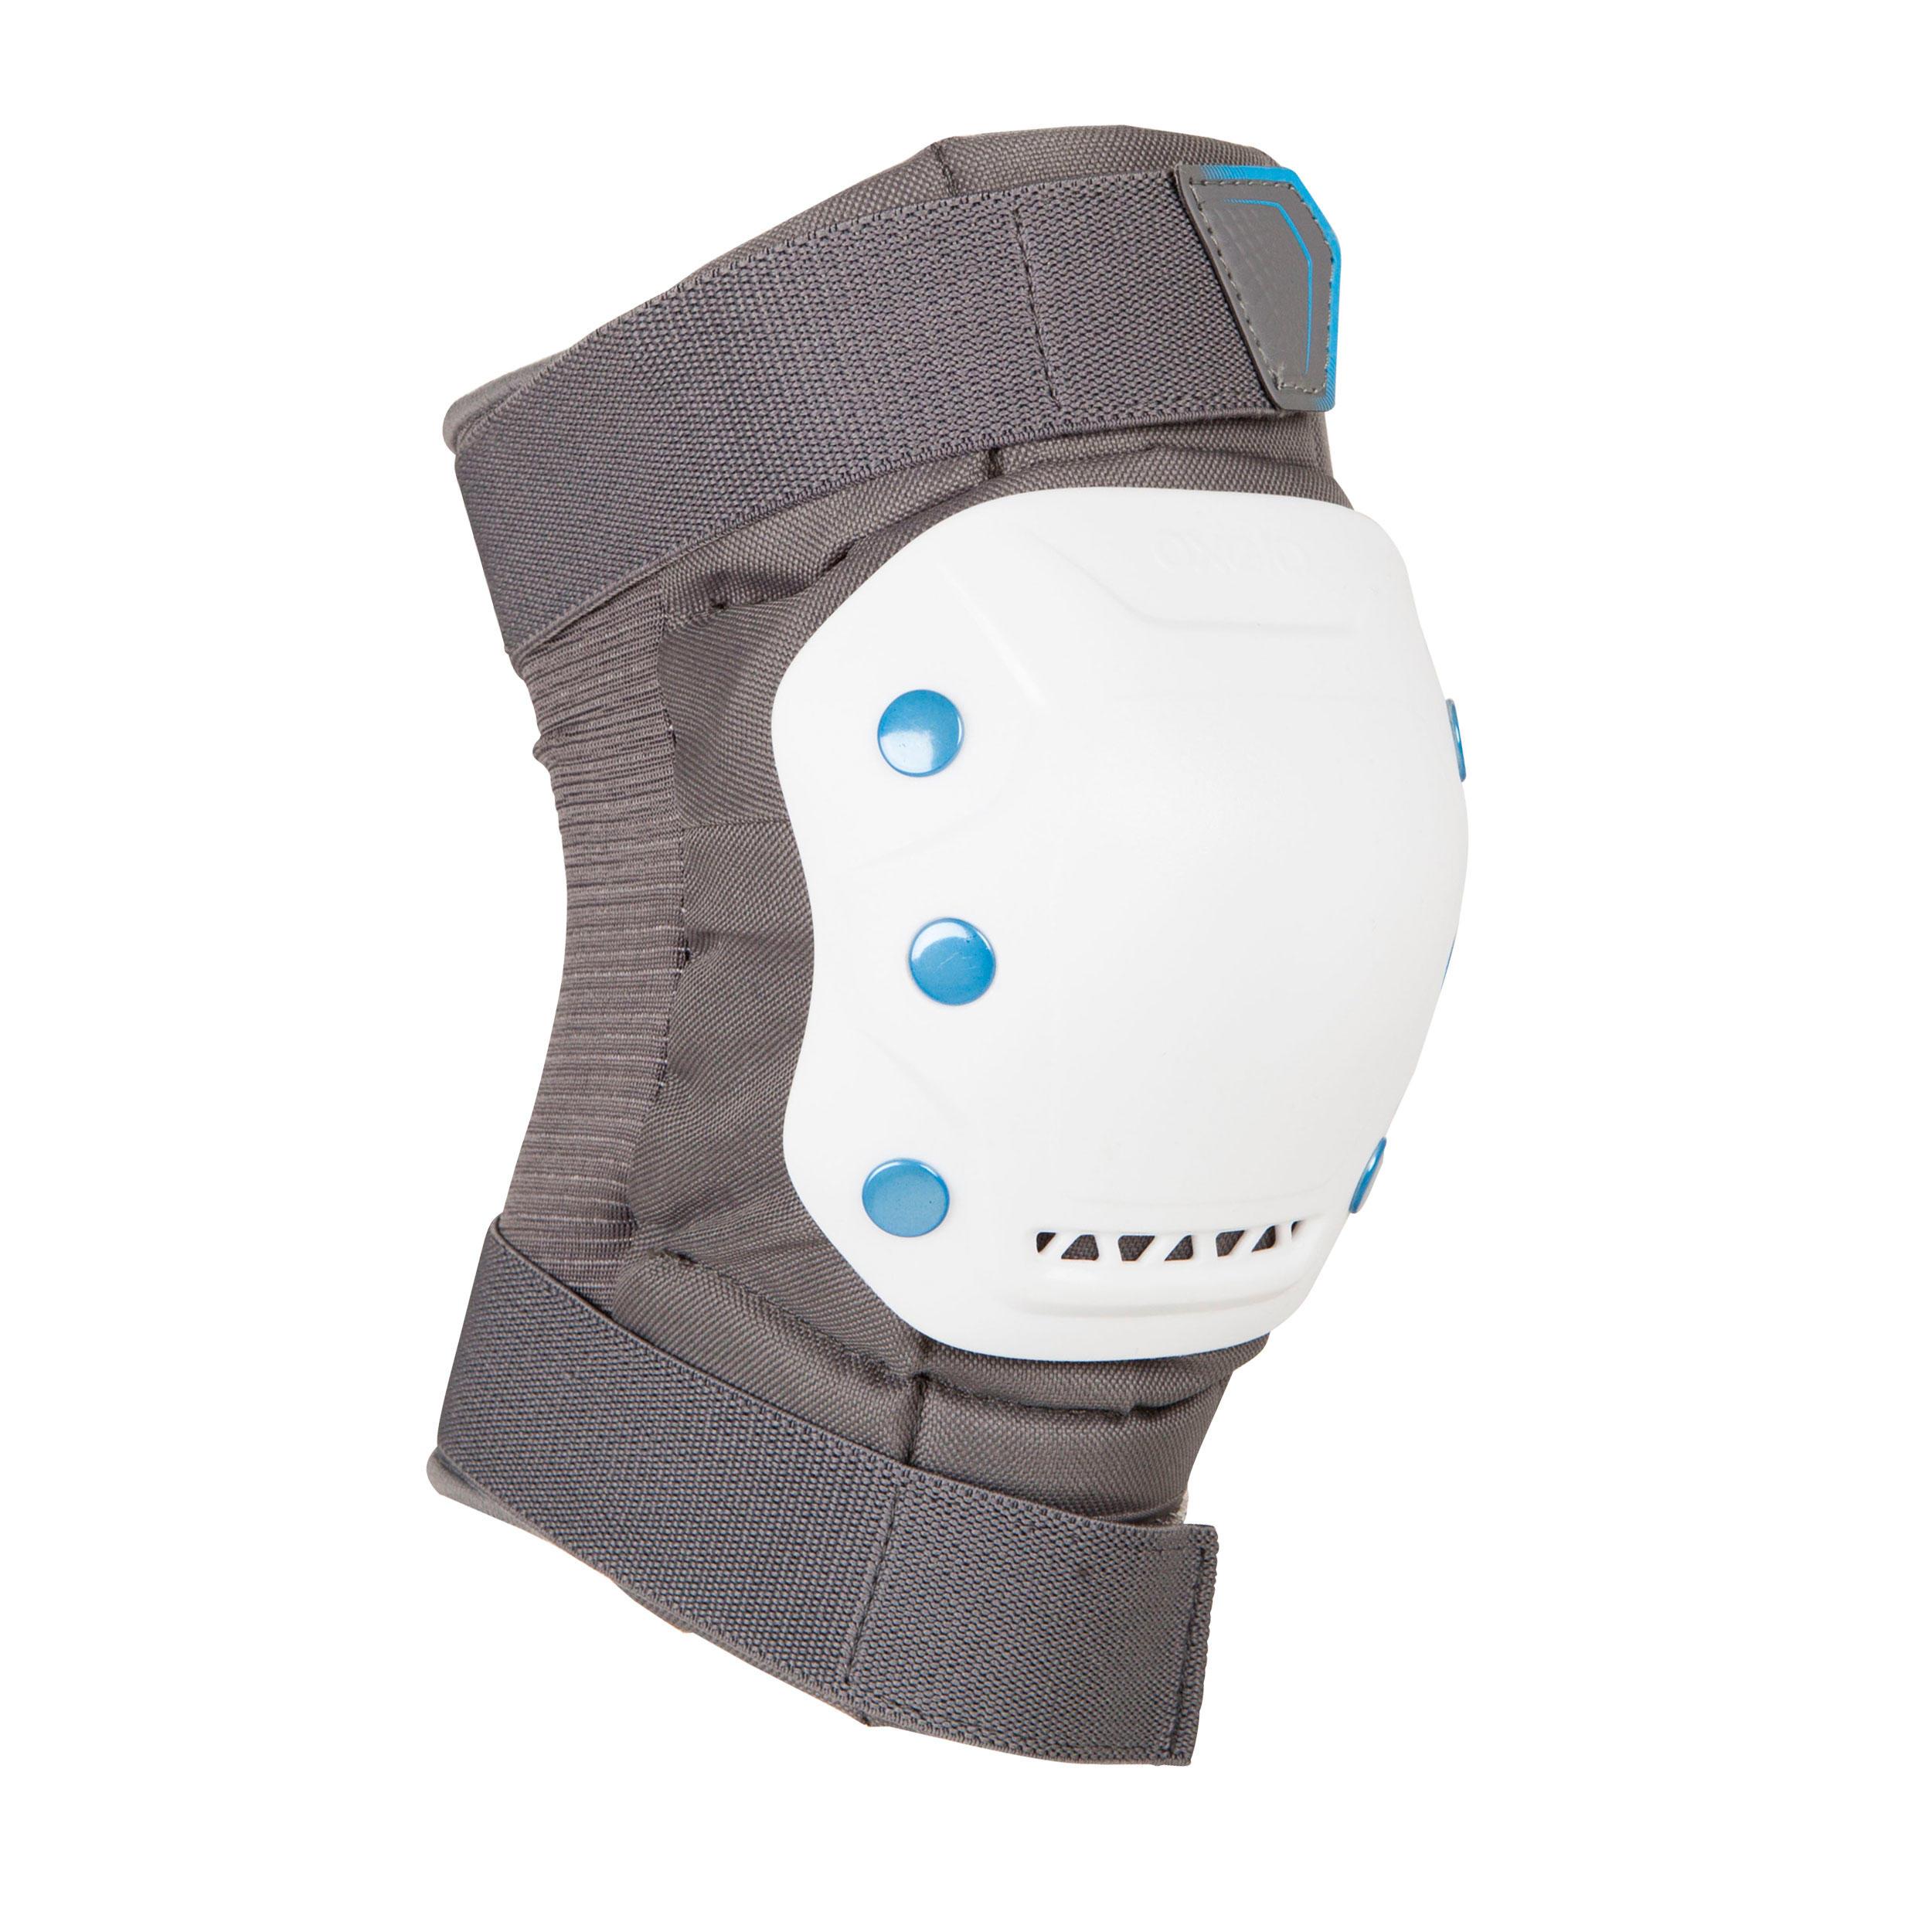 Ens. 3 protections pour patin, skateboard, trottinette adulte FIT 5 gris blanc